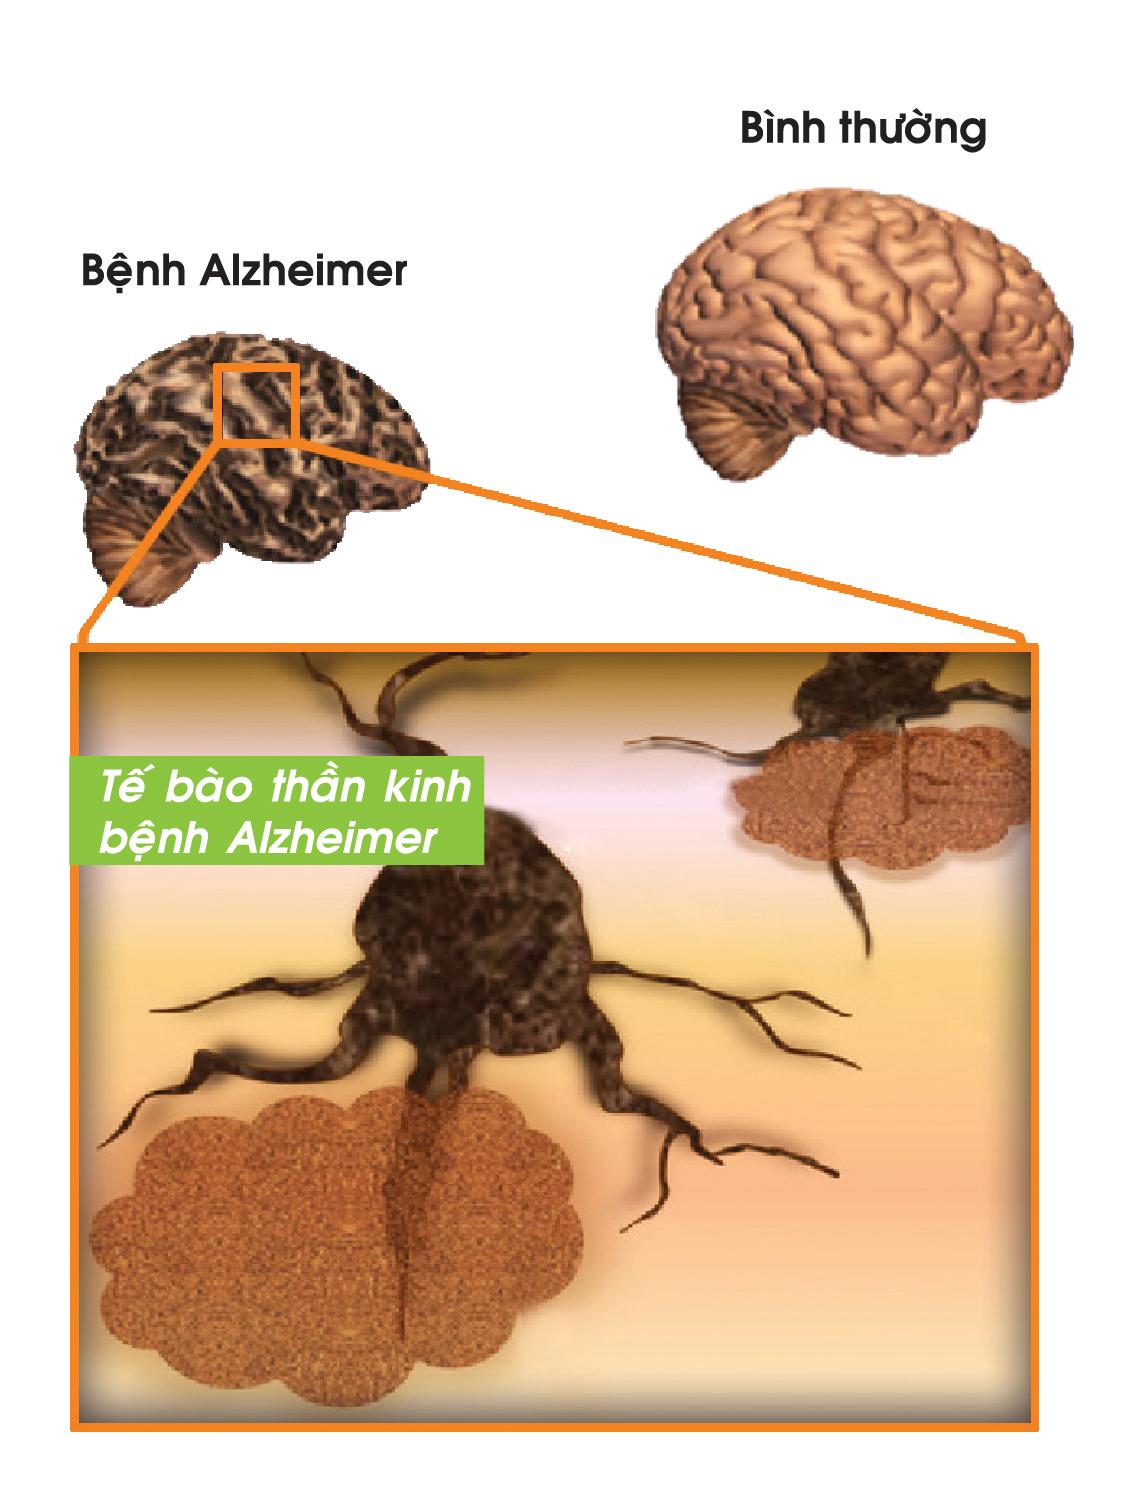 bệnh alzheimer 2